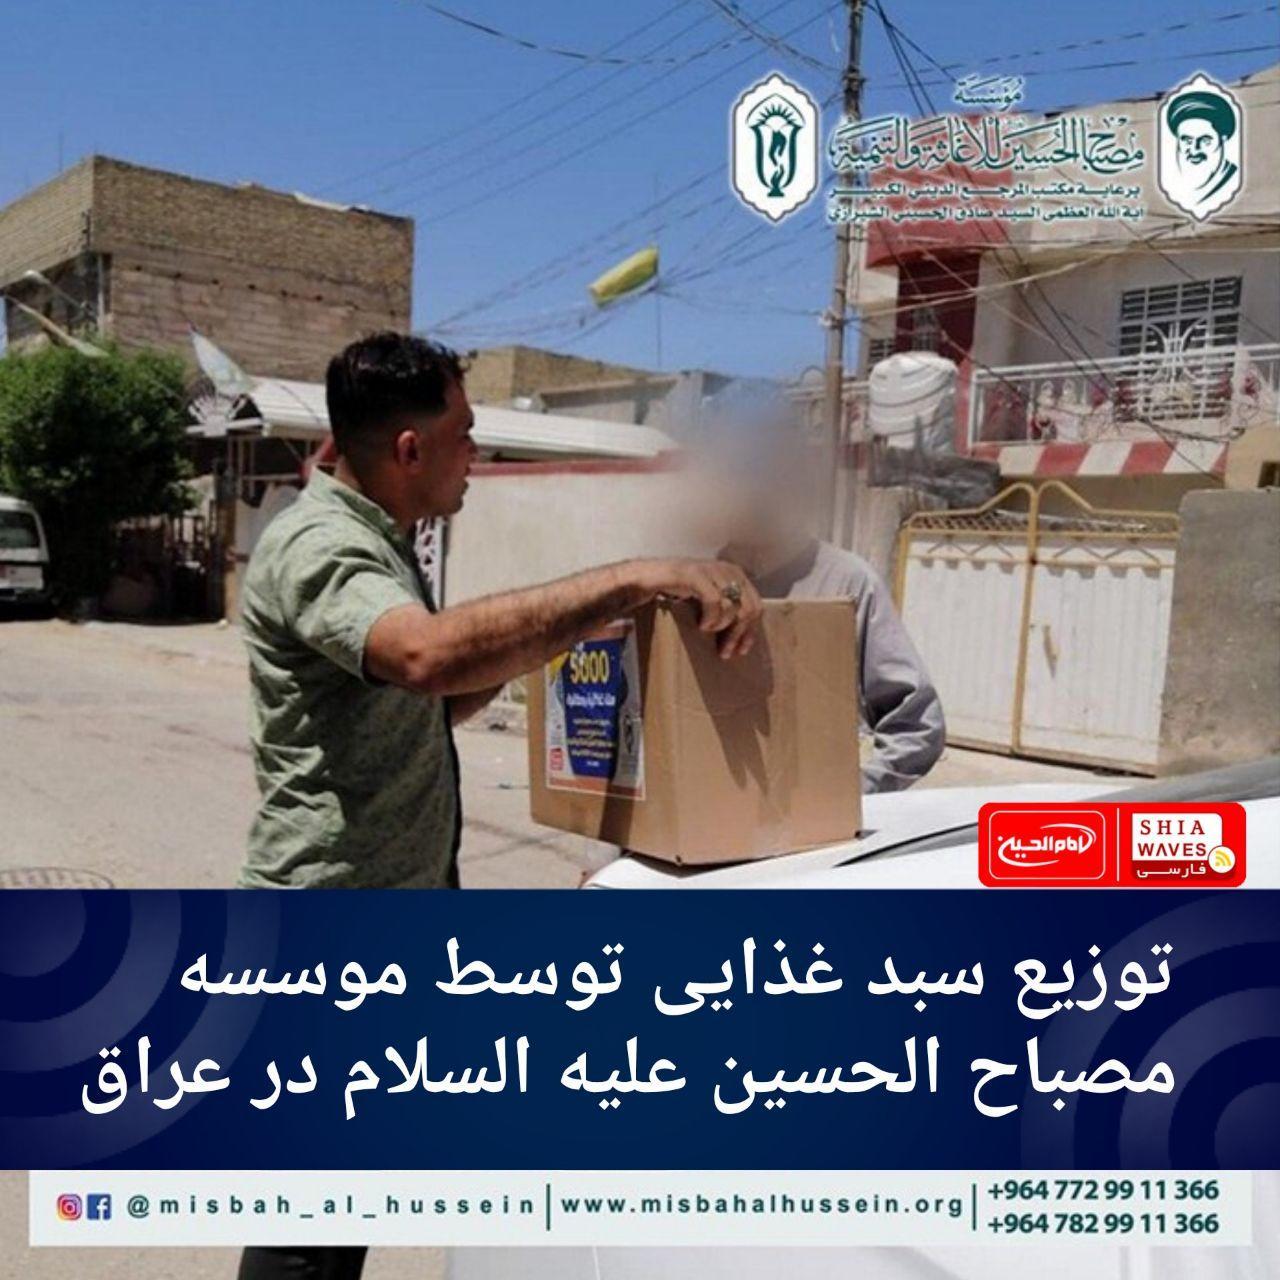 تصویر توزیع سبد غذایی توسط موسسه مصباح الحسین علیه السلام در عراق